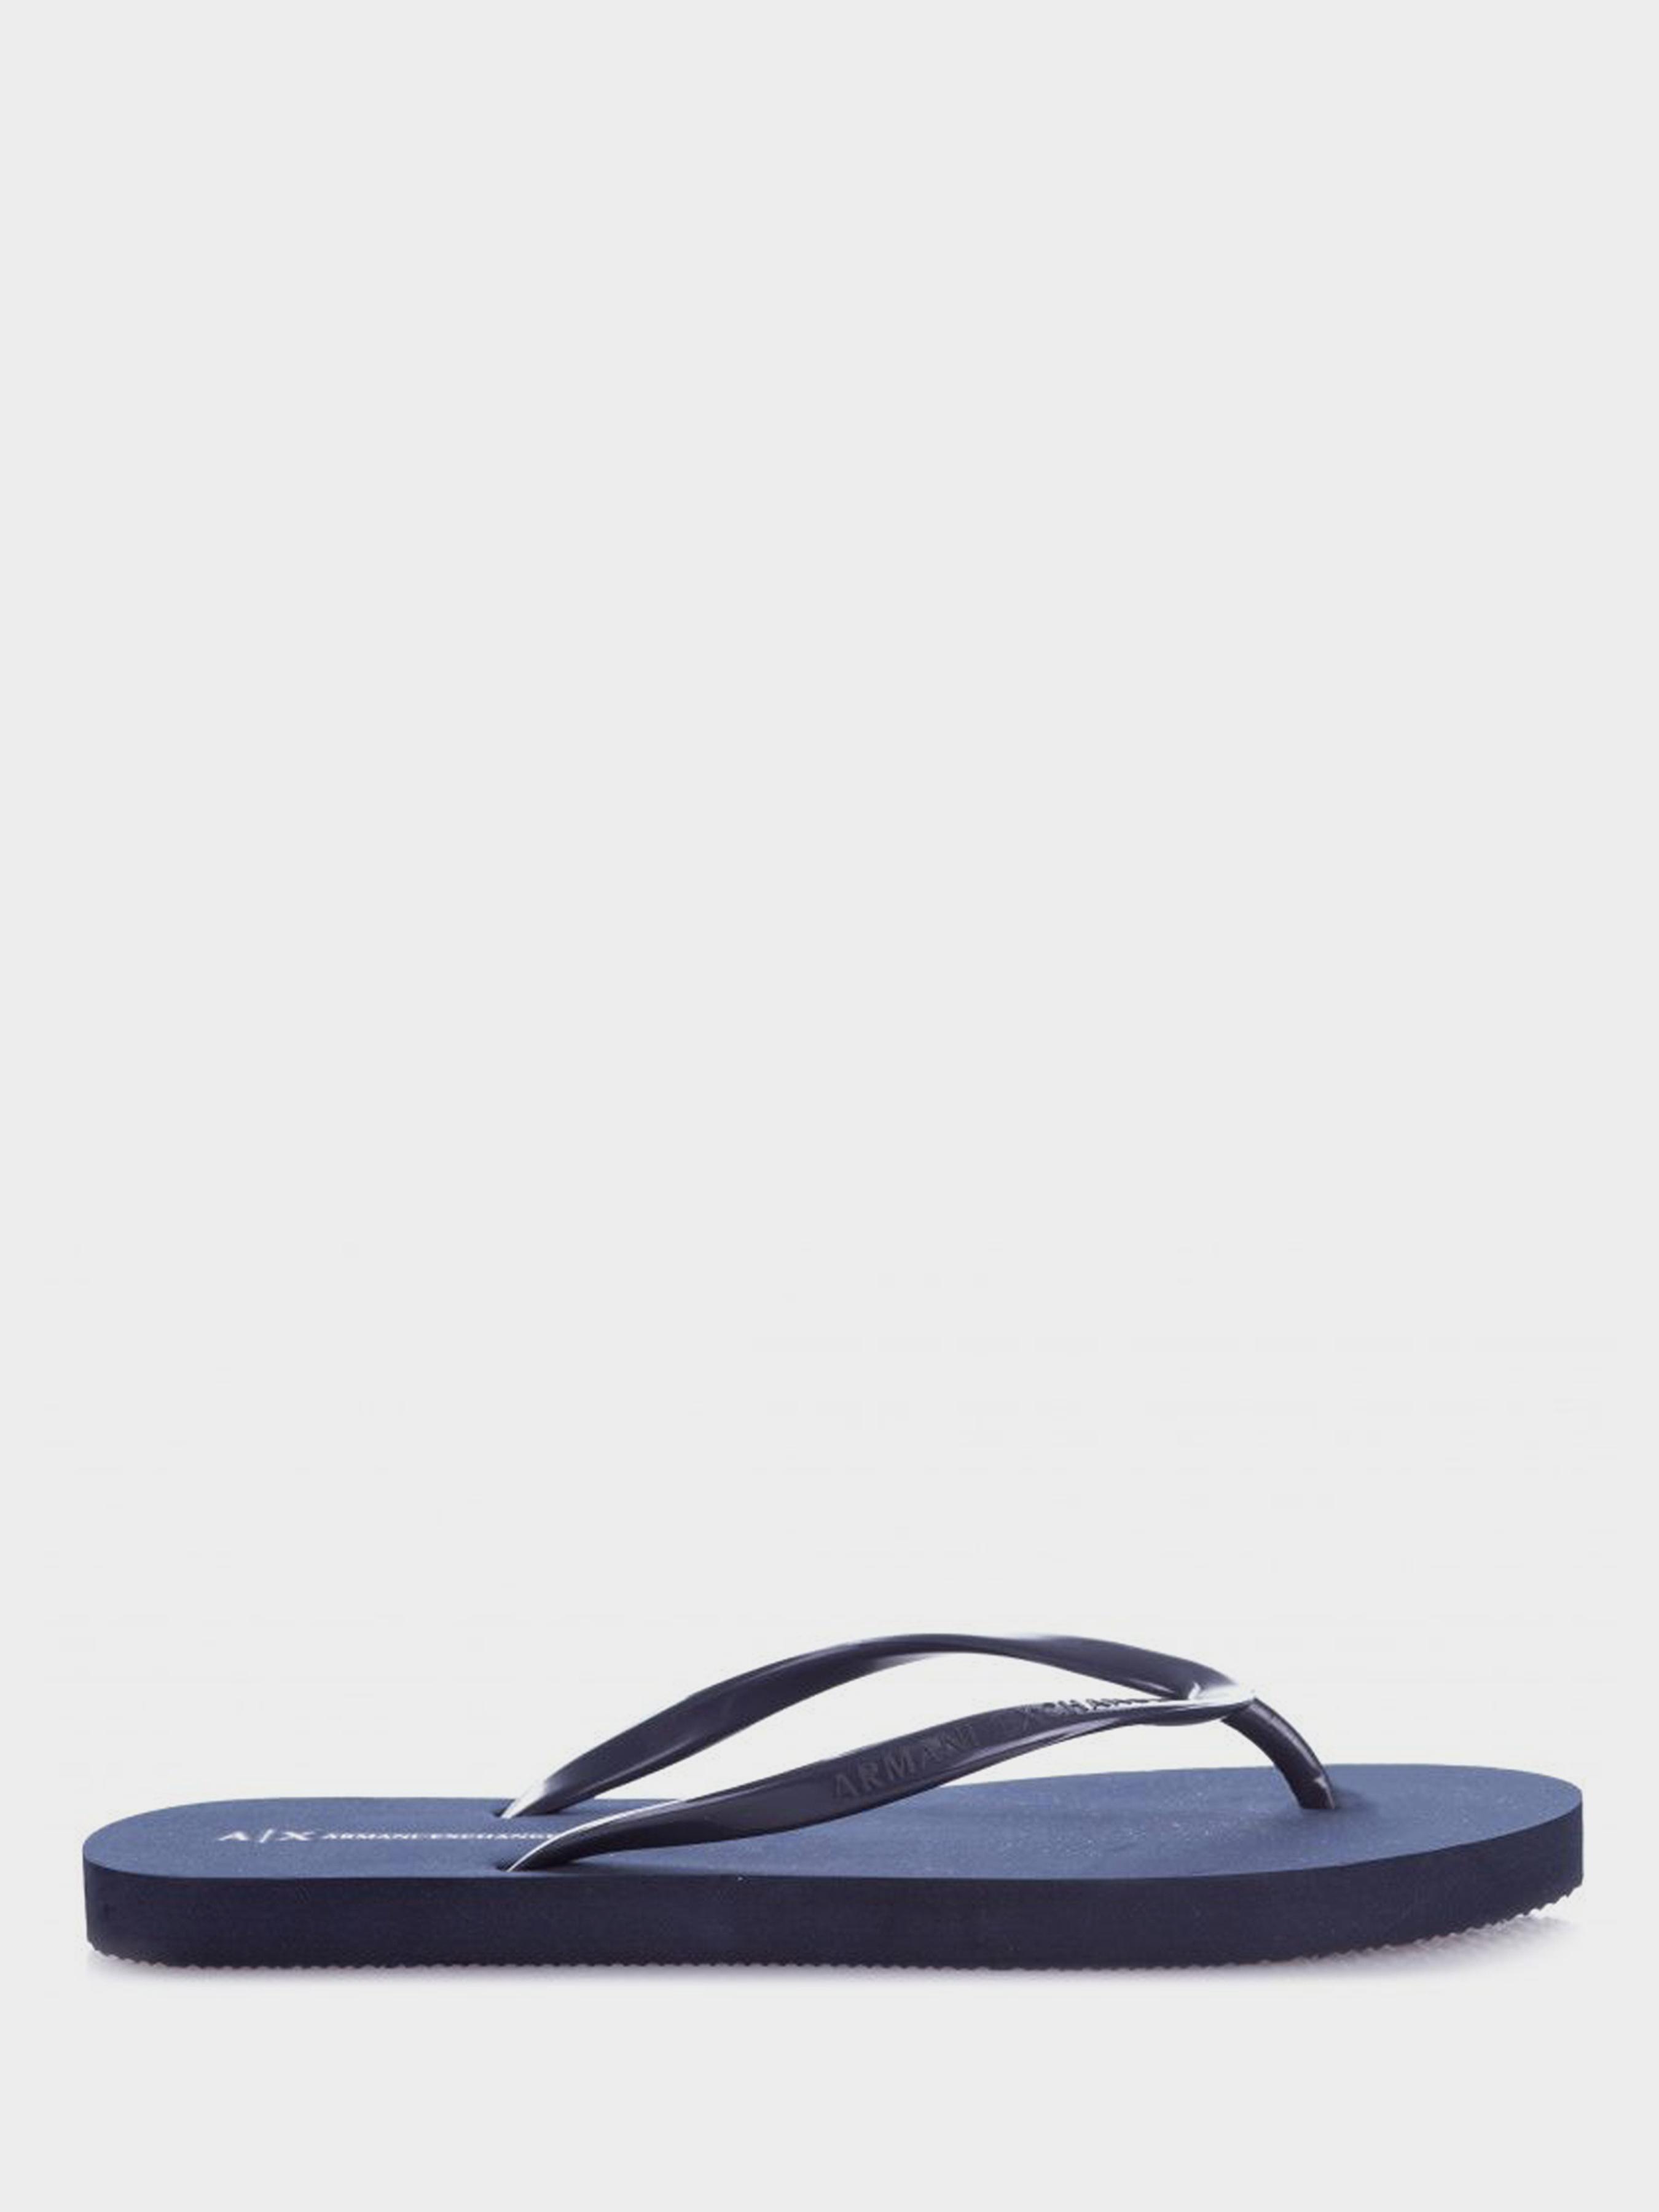 Вьетнамки для женщин Armani Exchange FLIP FLOP PVC+EVA WD76 размерная сетка обуви, 2017